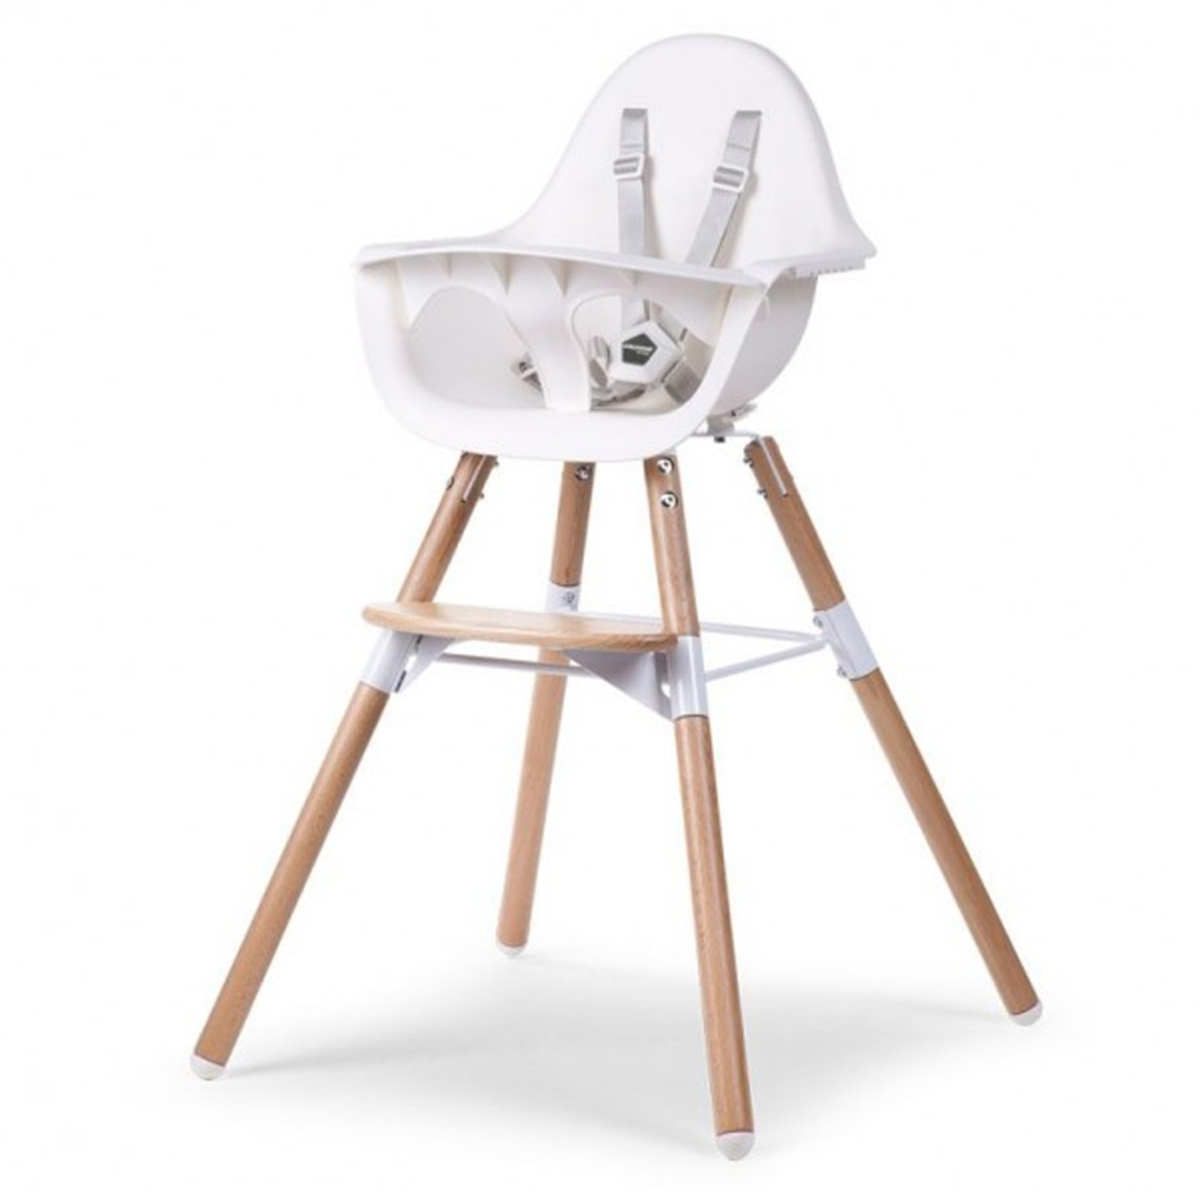 Chaise haute Chaise Haute Evolu 2 - Bois et Blanc Chaise Haute Evolu 2 - Bois et Blanc